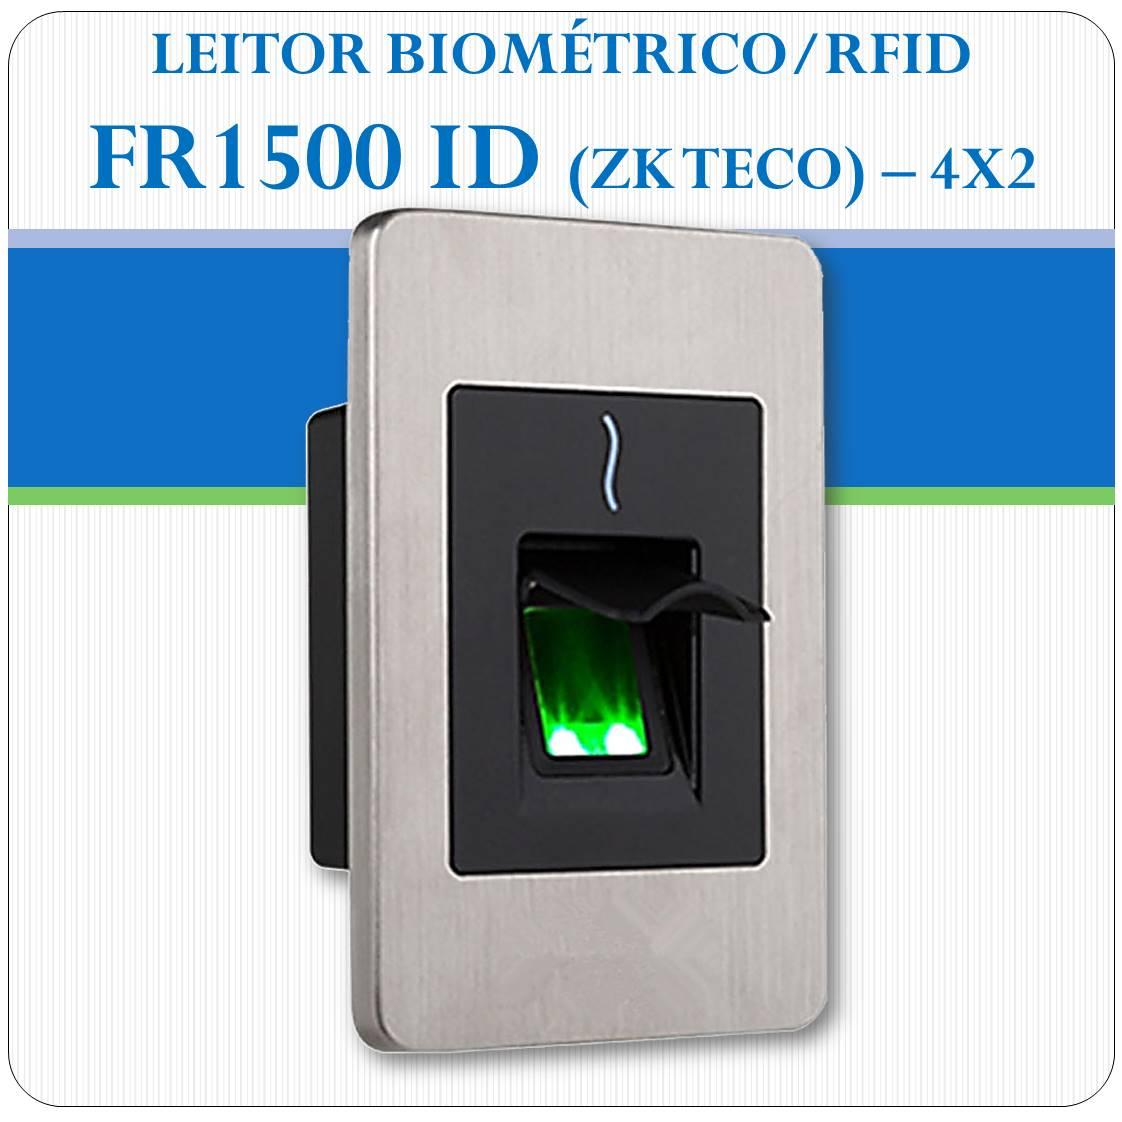 Leitor Biométrico + RFID FR1500 ID (escravo)